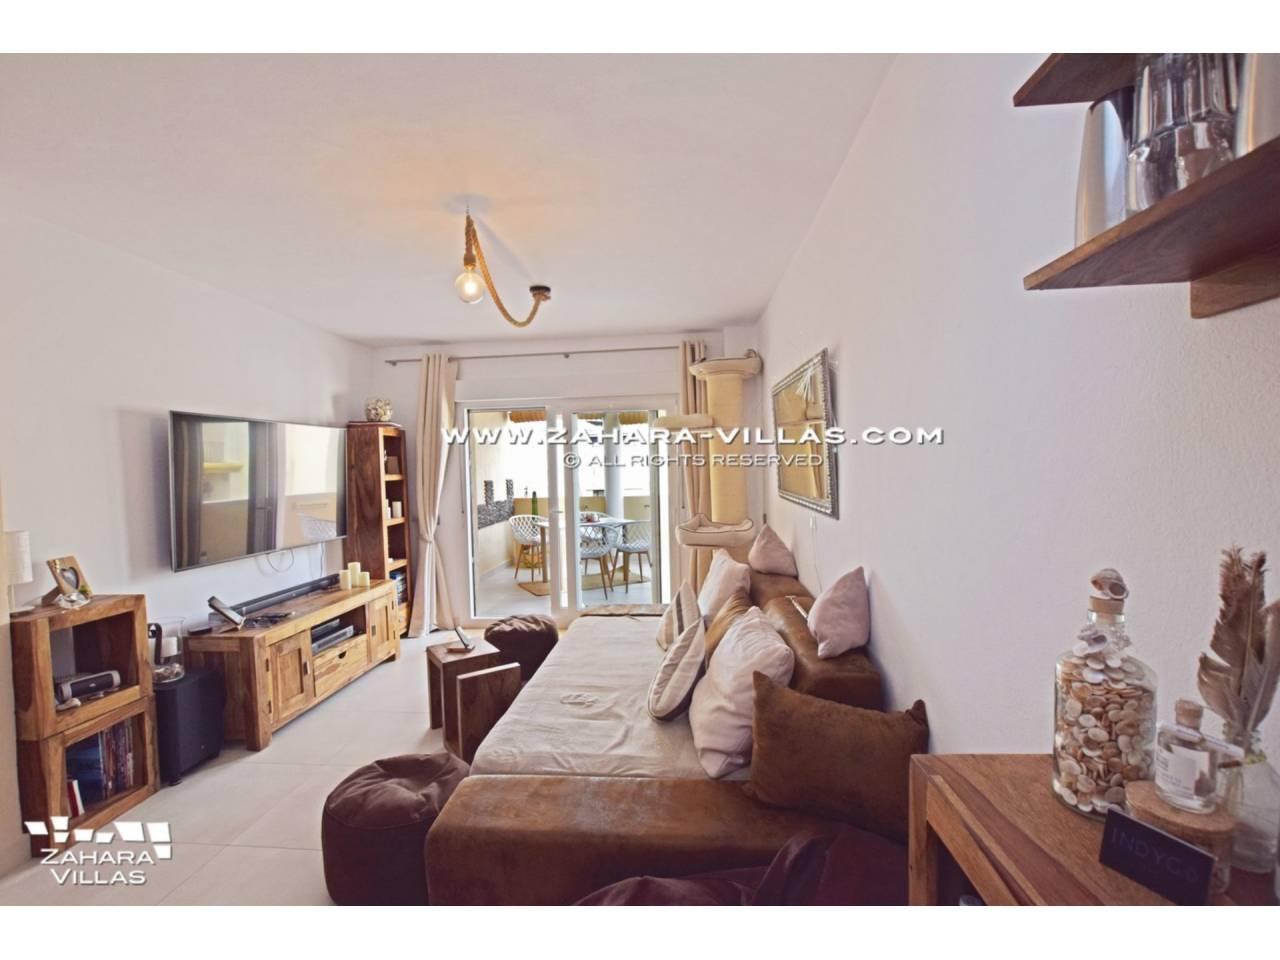 Imagen 14 de Penthouse appartment reformed for sale in Costa de la Luz